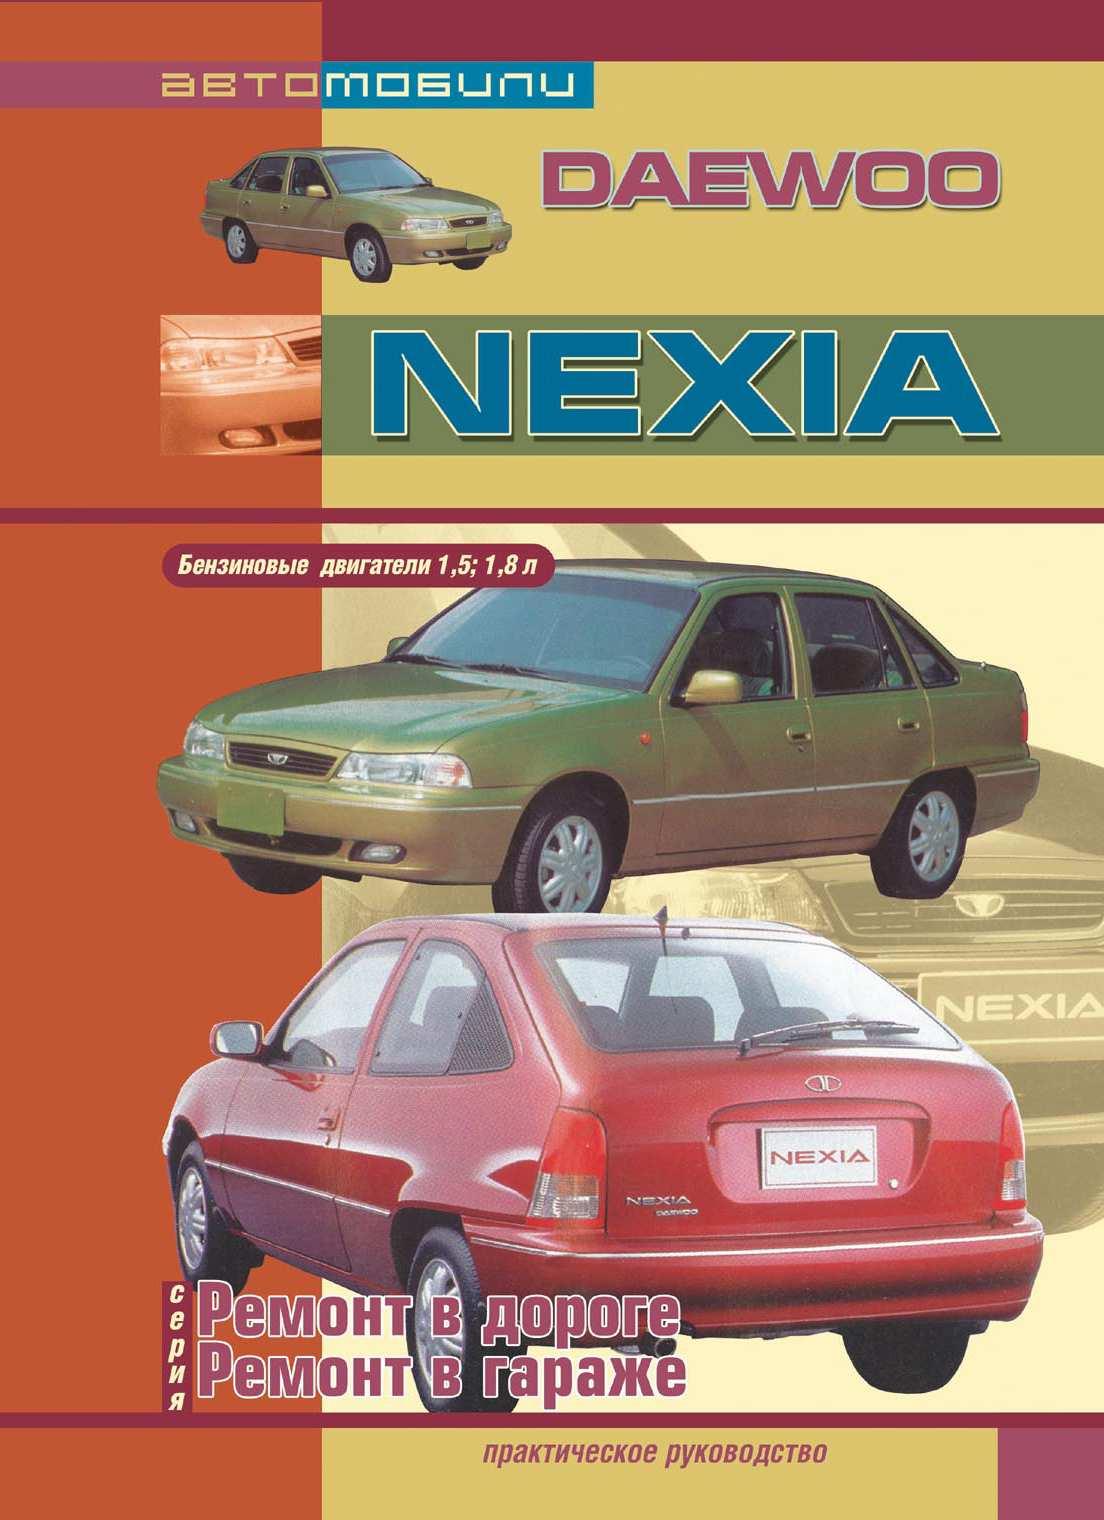 DAEWOO NEXIA - ремонт в дороге, ремонт в гараже. Практическое руководство